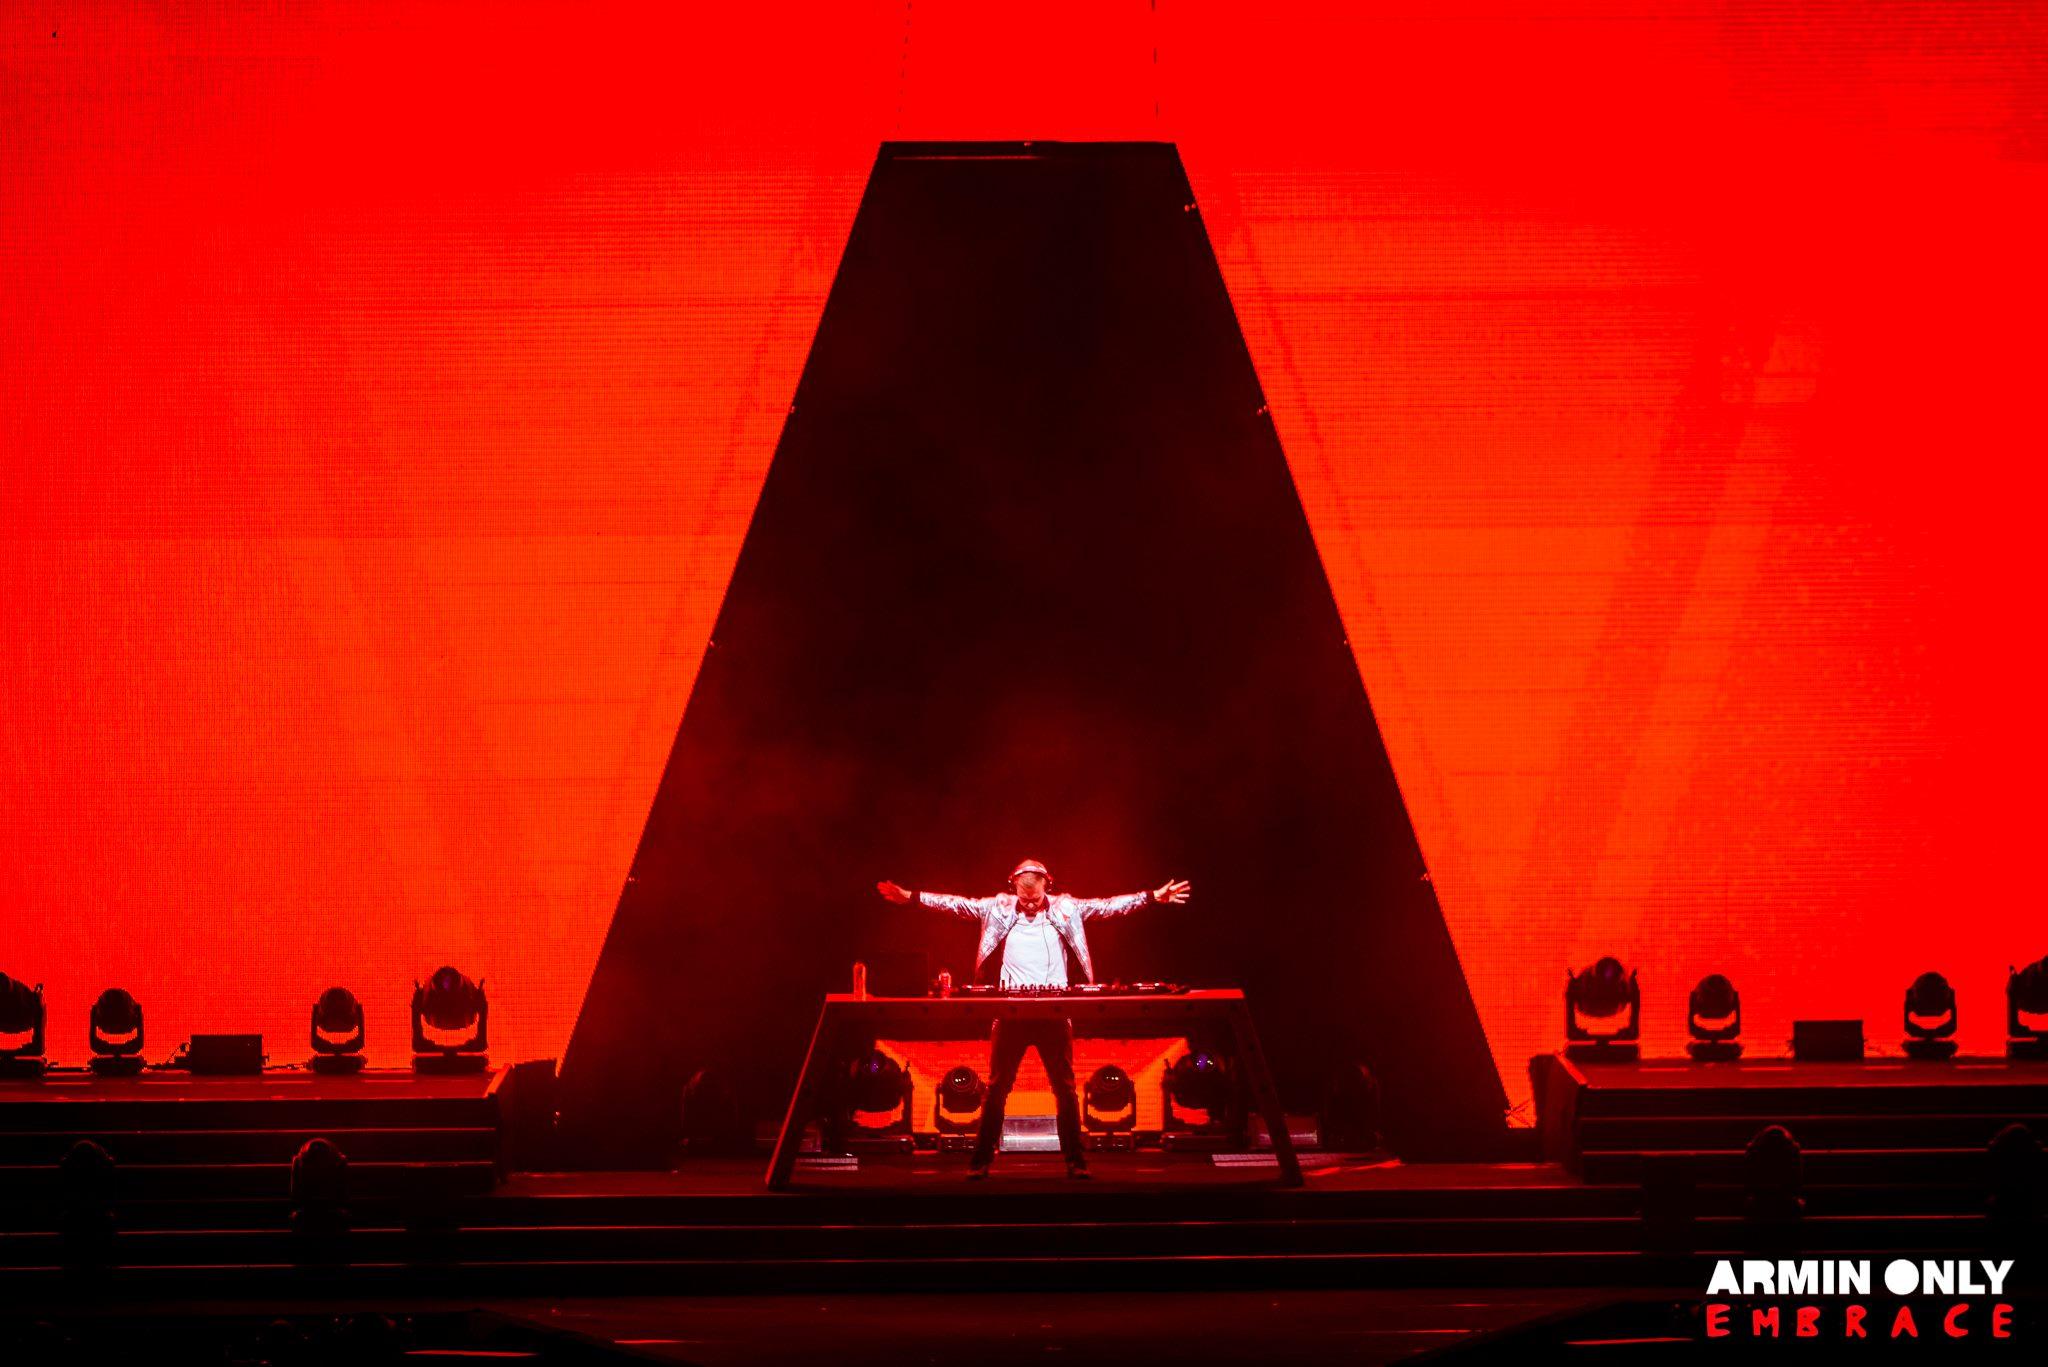 Armin Only Embrace @ Holanda